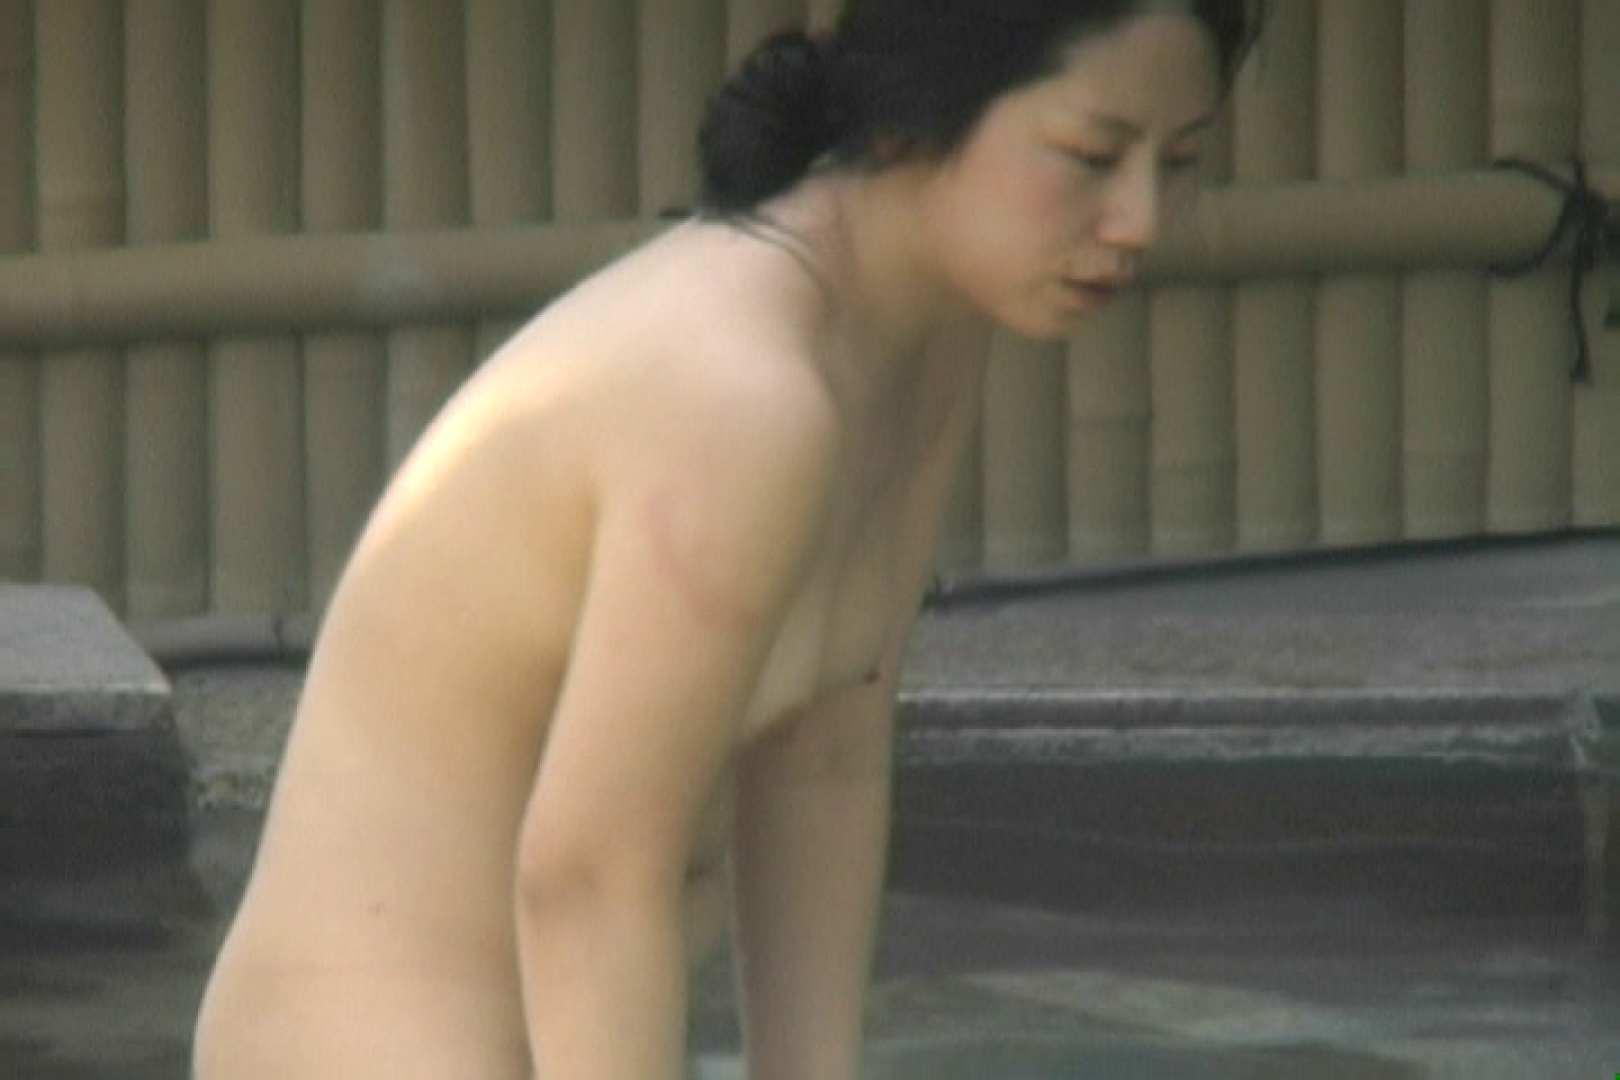 高画質露天女風呂観察 vol.002 高画質 オメコ無修正動画無料 86pic 45